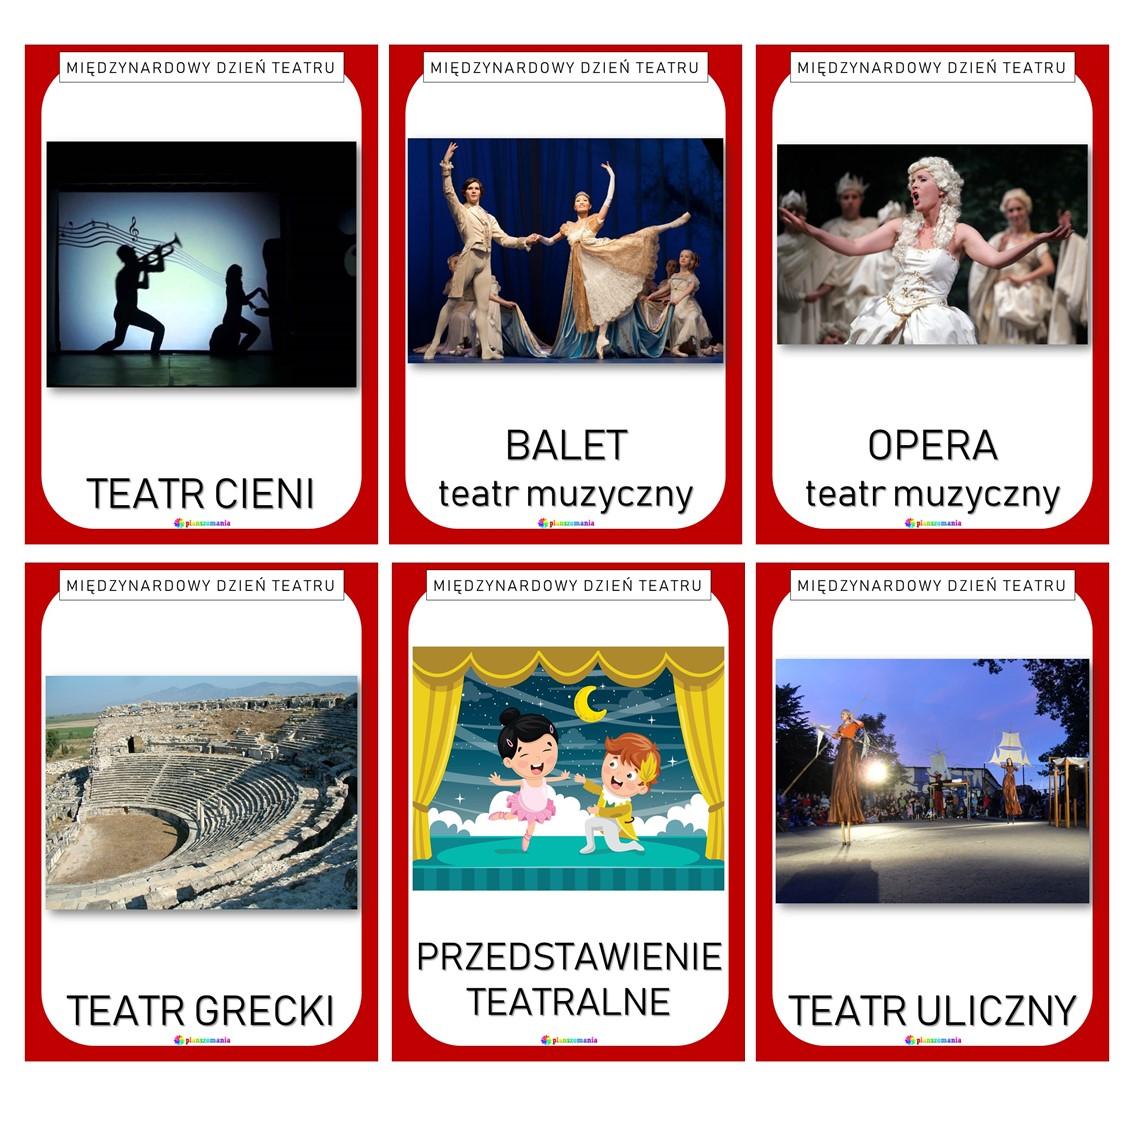 międzynarodowy dzień teatru teatr plansze edukacyjne dydaktyczne dla dzieci dla nauczycieli do druku pdf